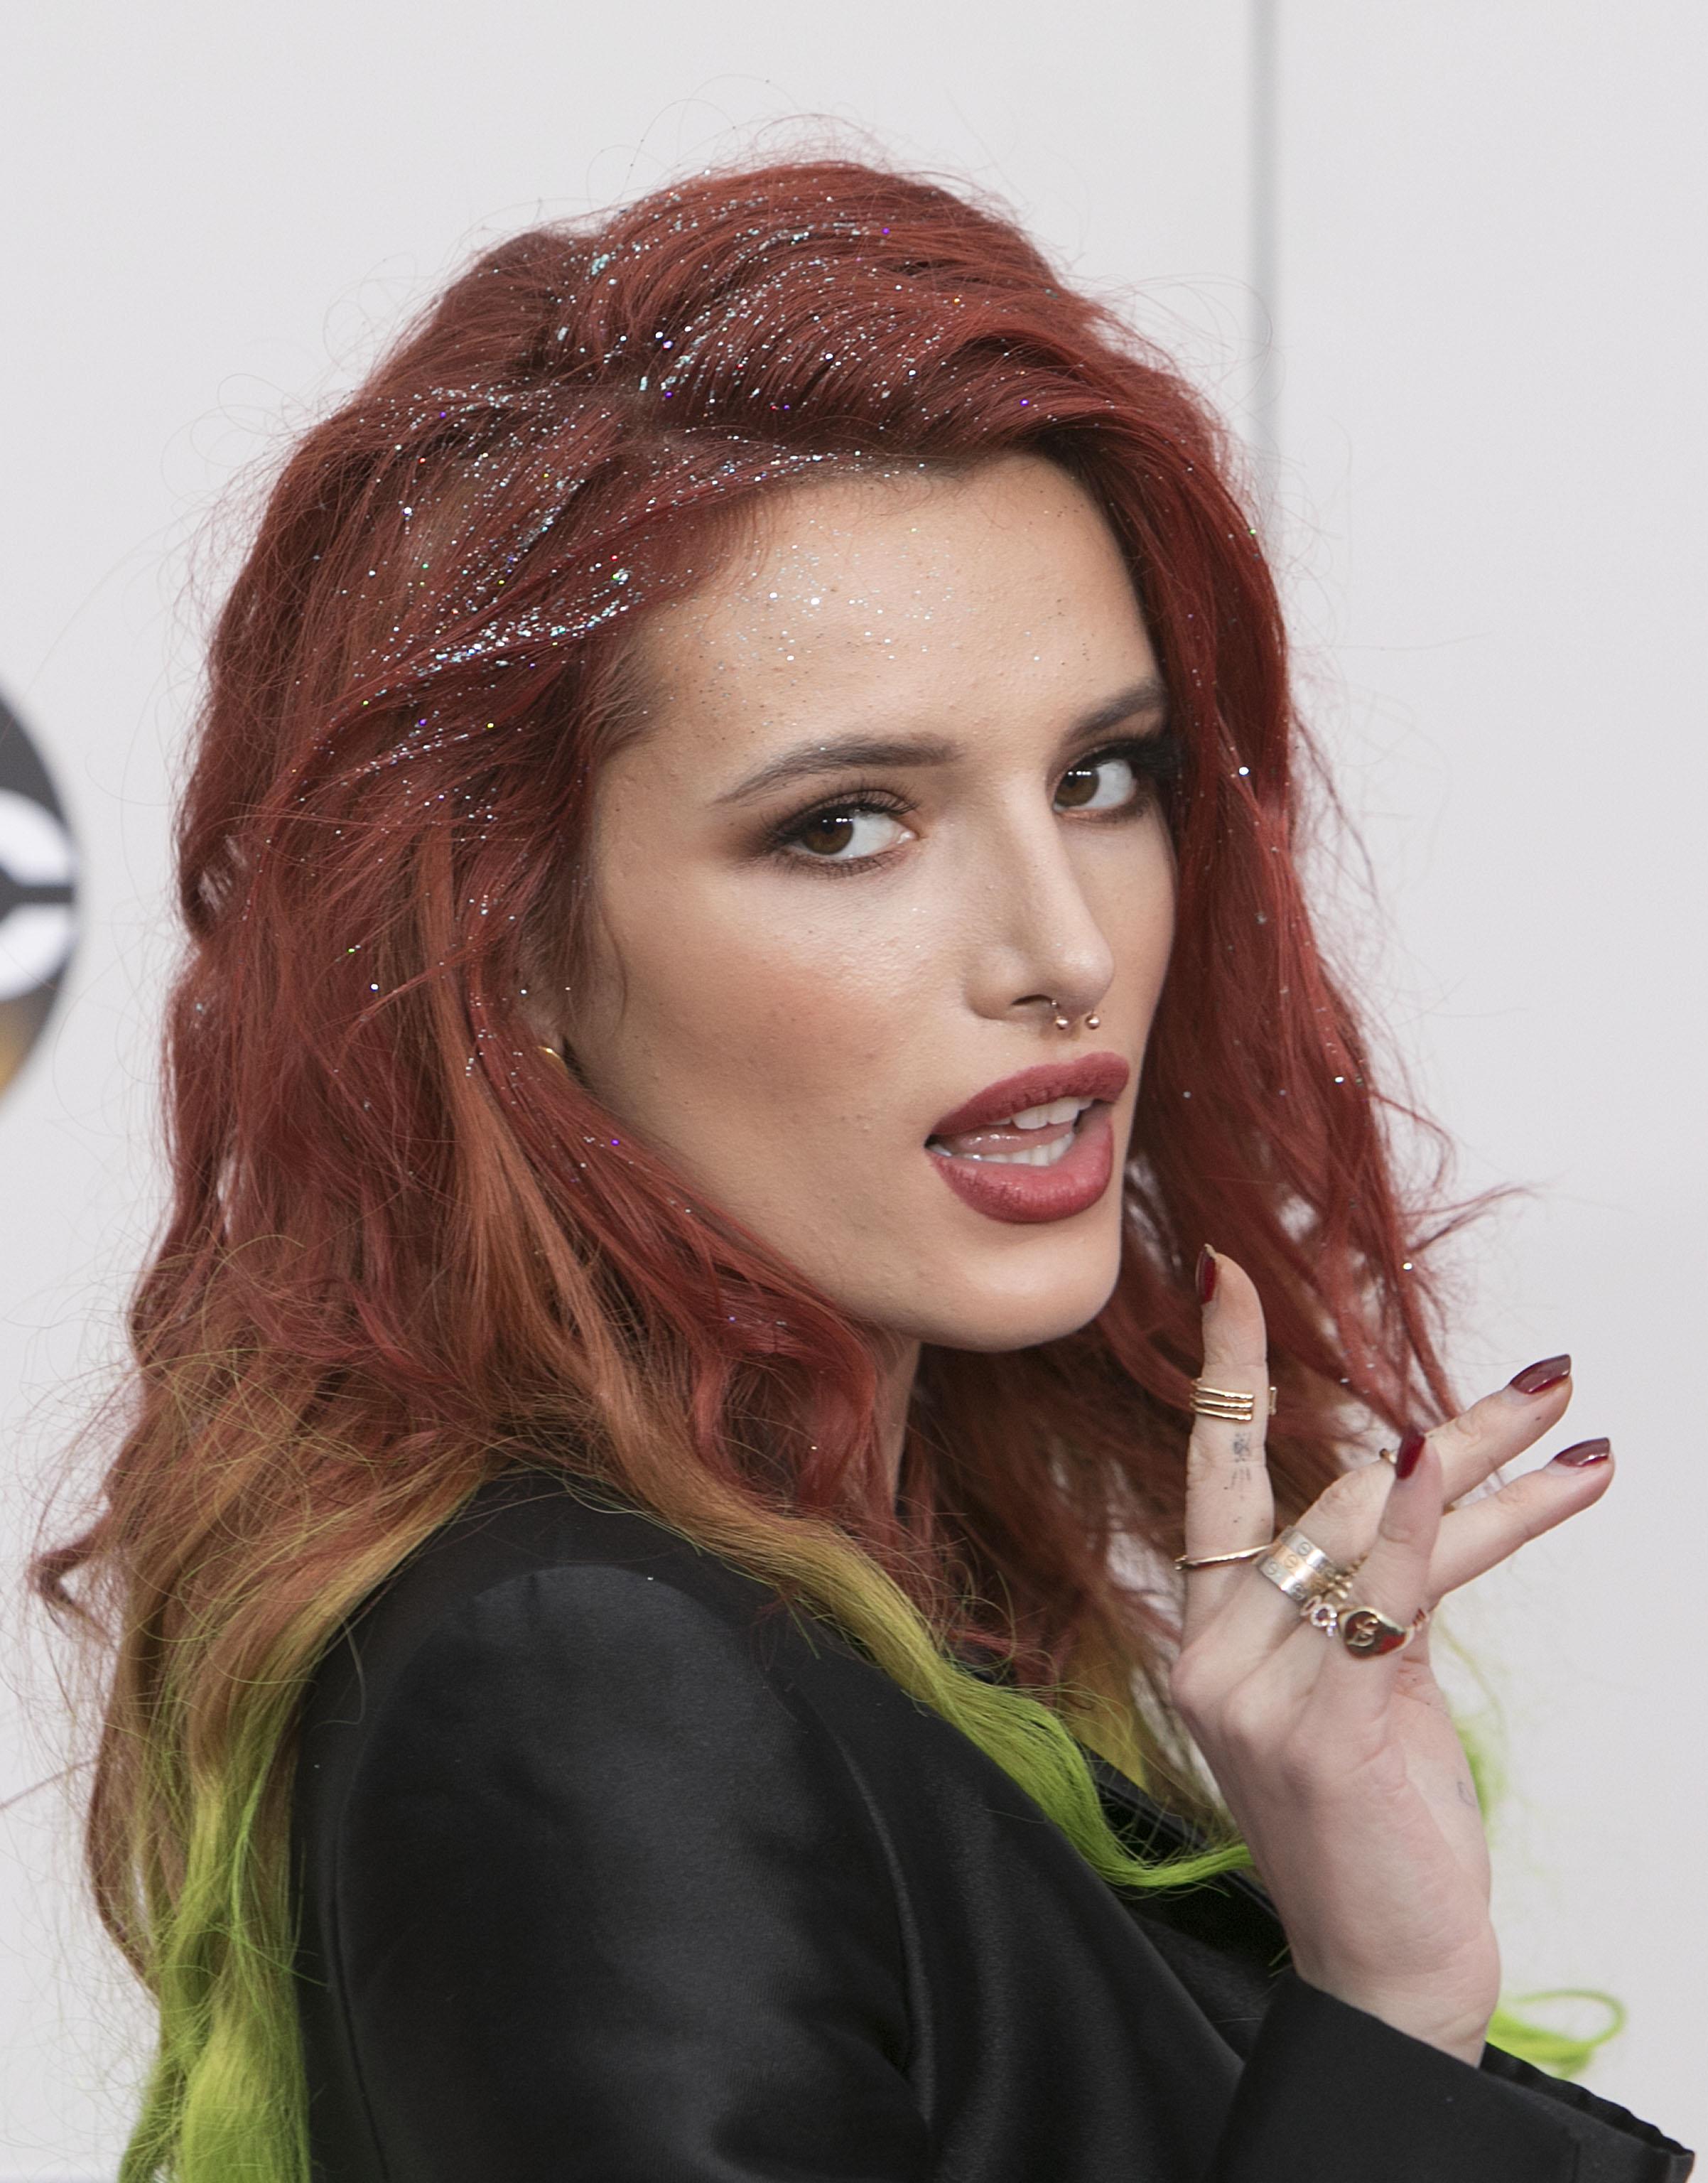 Красавицы с рыжими волосами фото 753-769